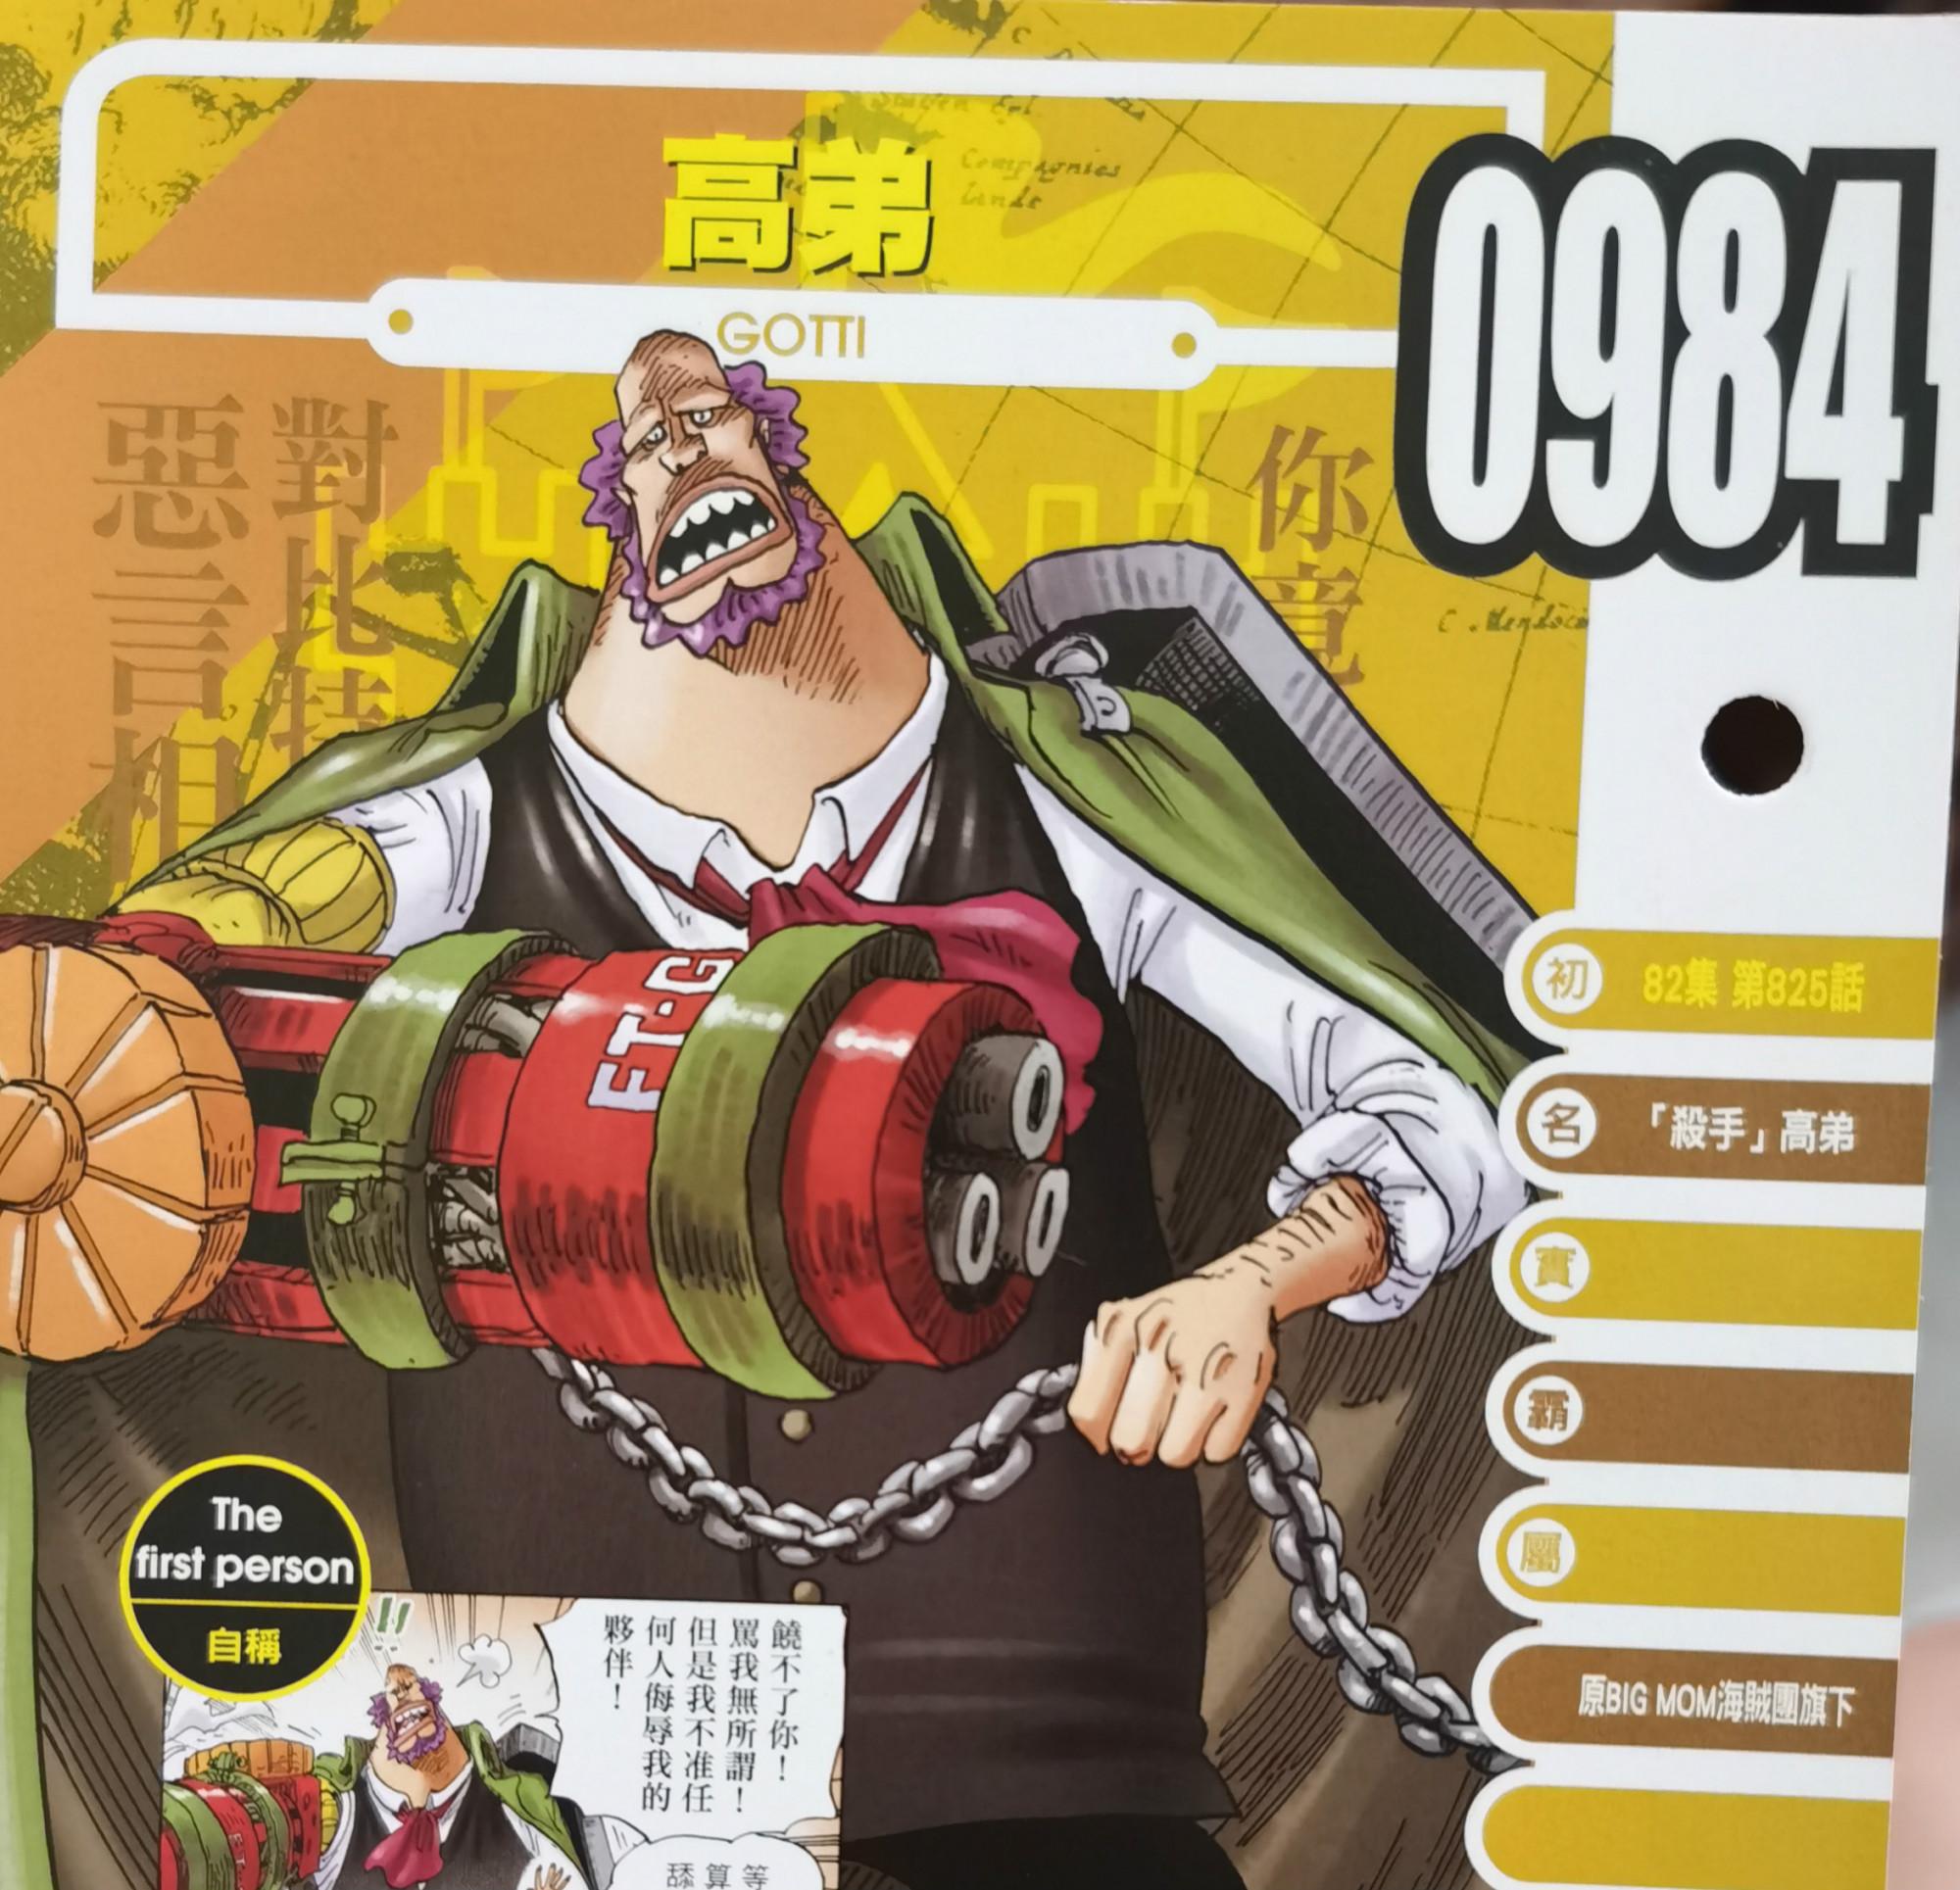 海賊王生命卡:貝基的左右手懸賞金沒1億貝裡,實力和智商卻很高